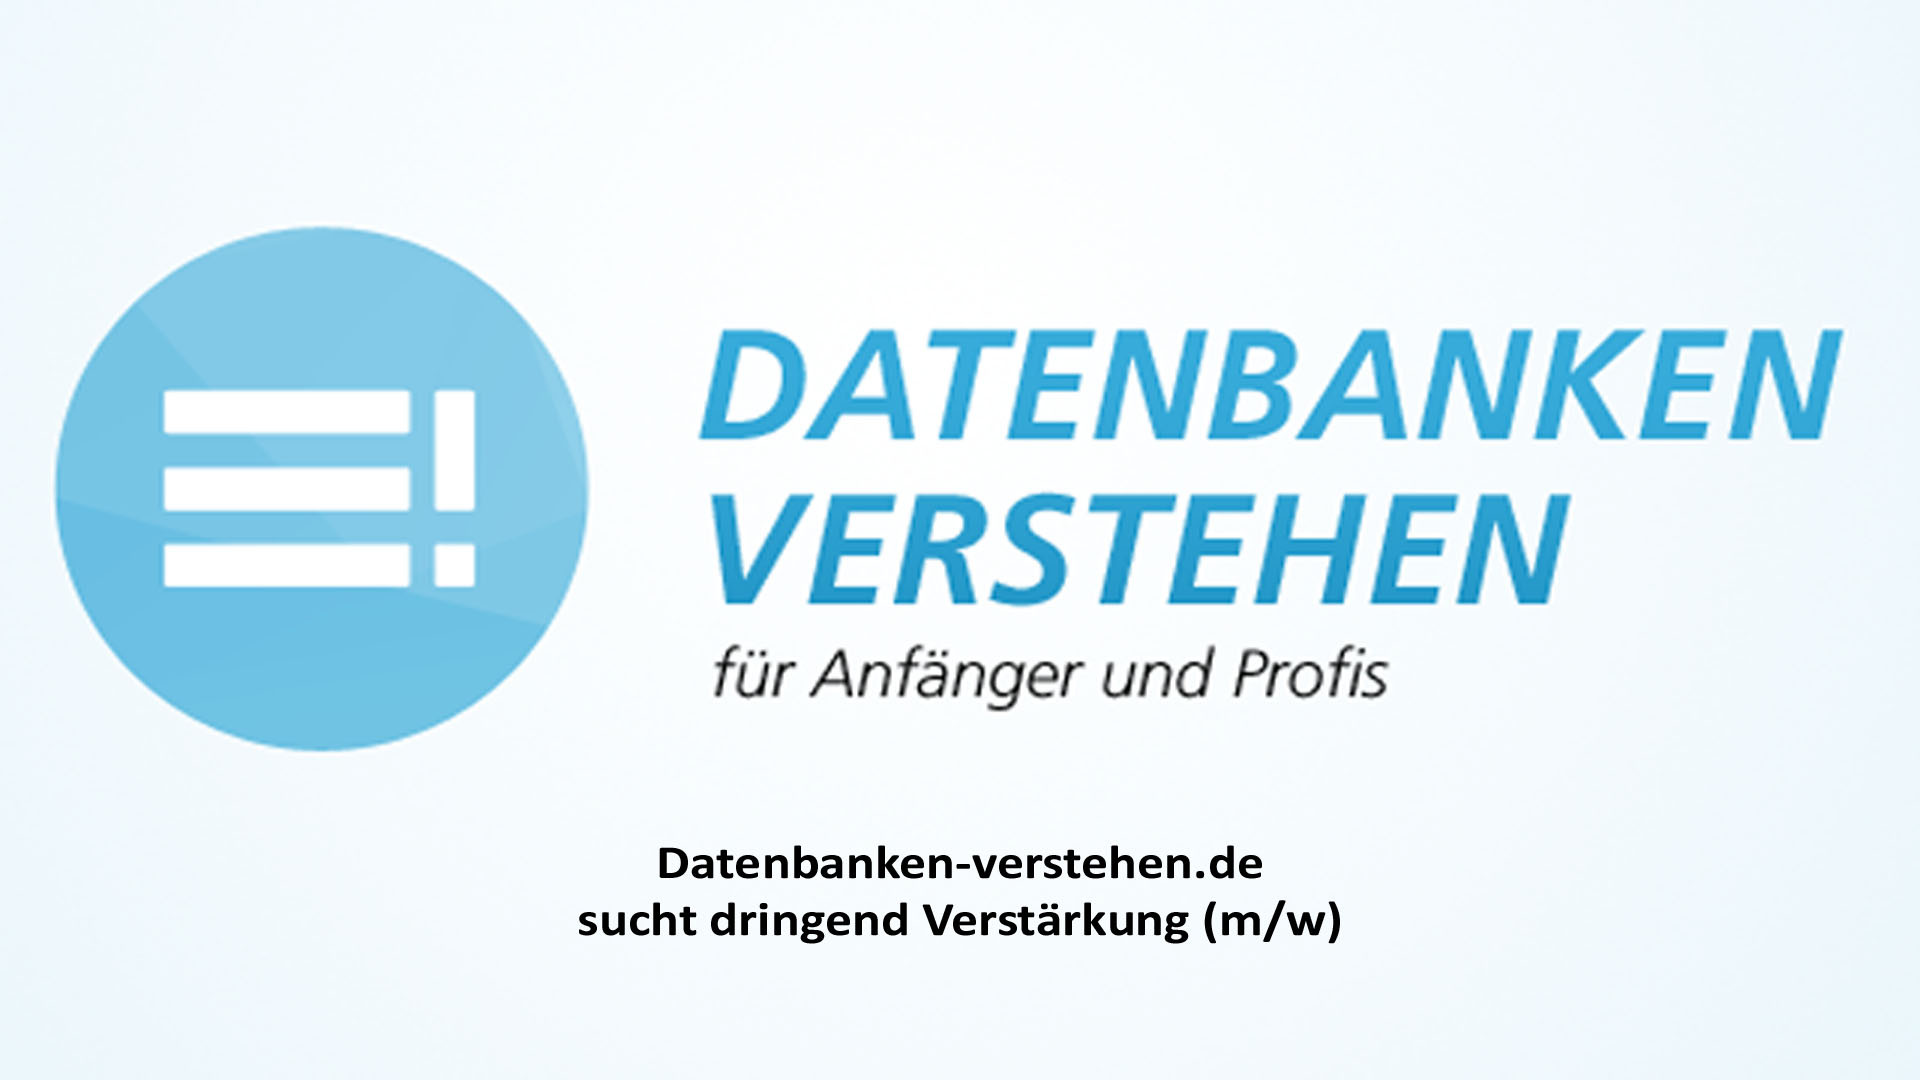 Datenbanken-verstehen.de sucht dringend Verstärkung (m/w)   Datenbank Blog